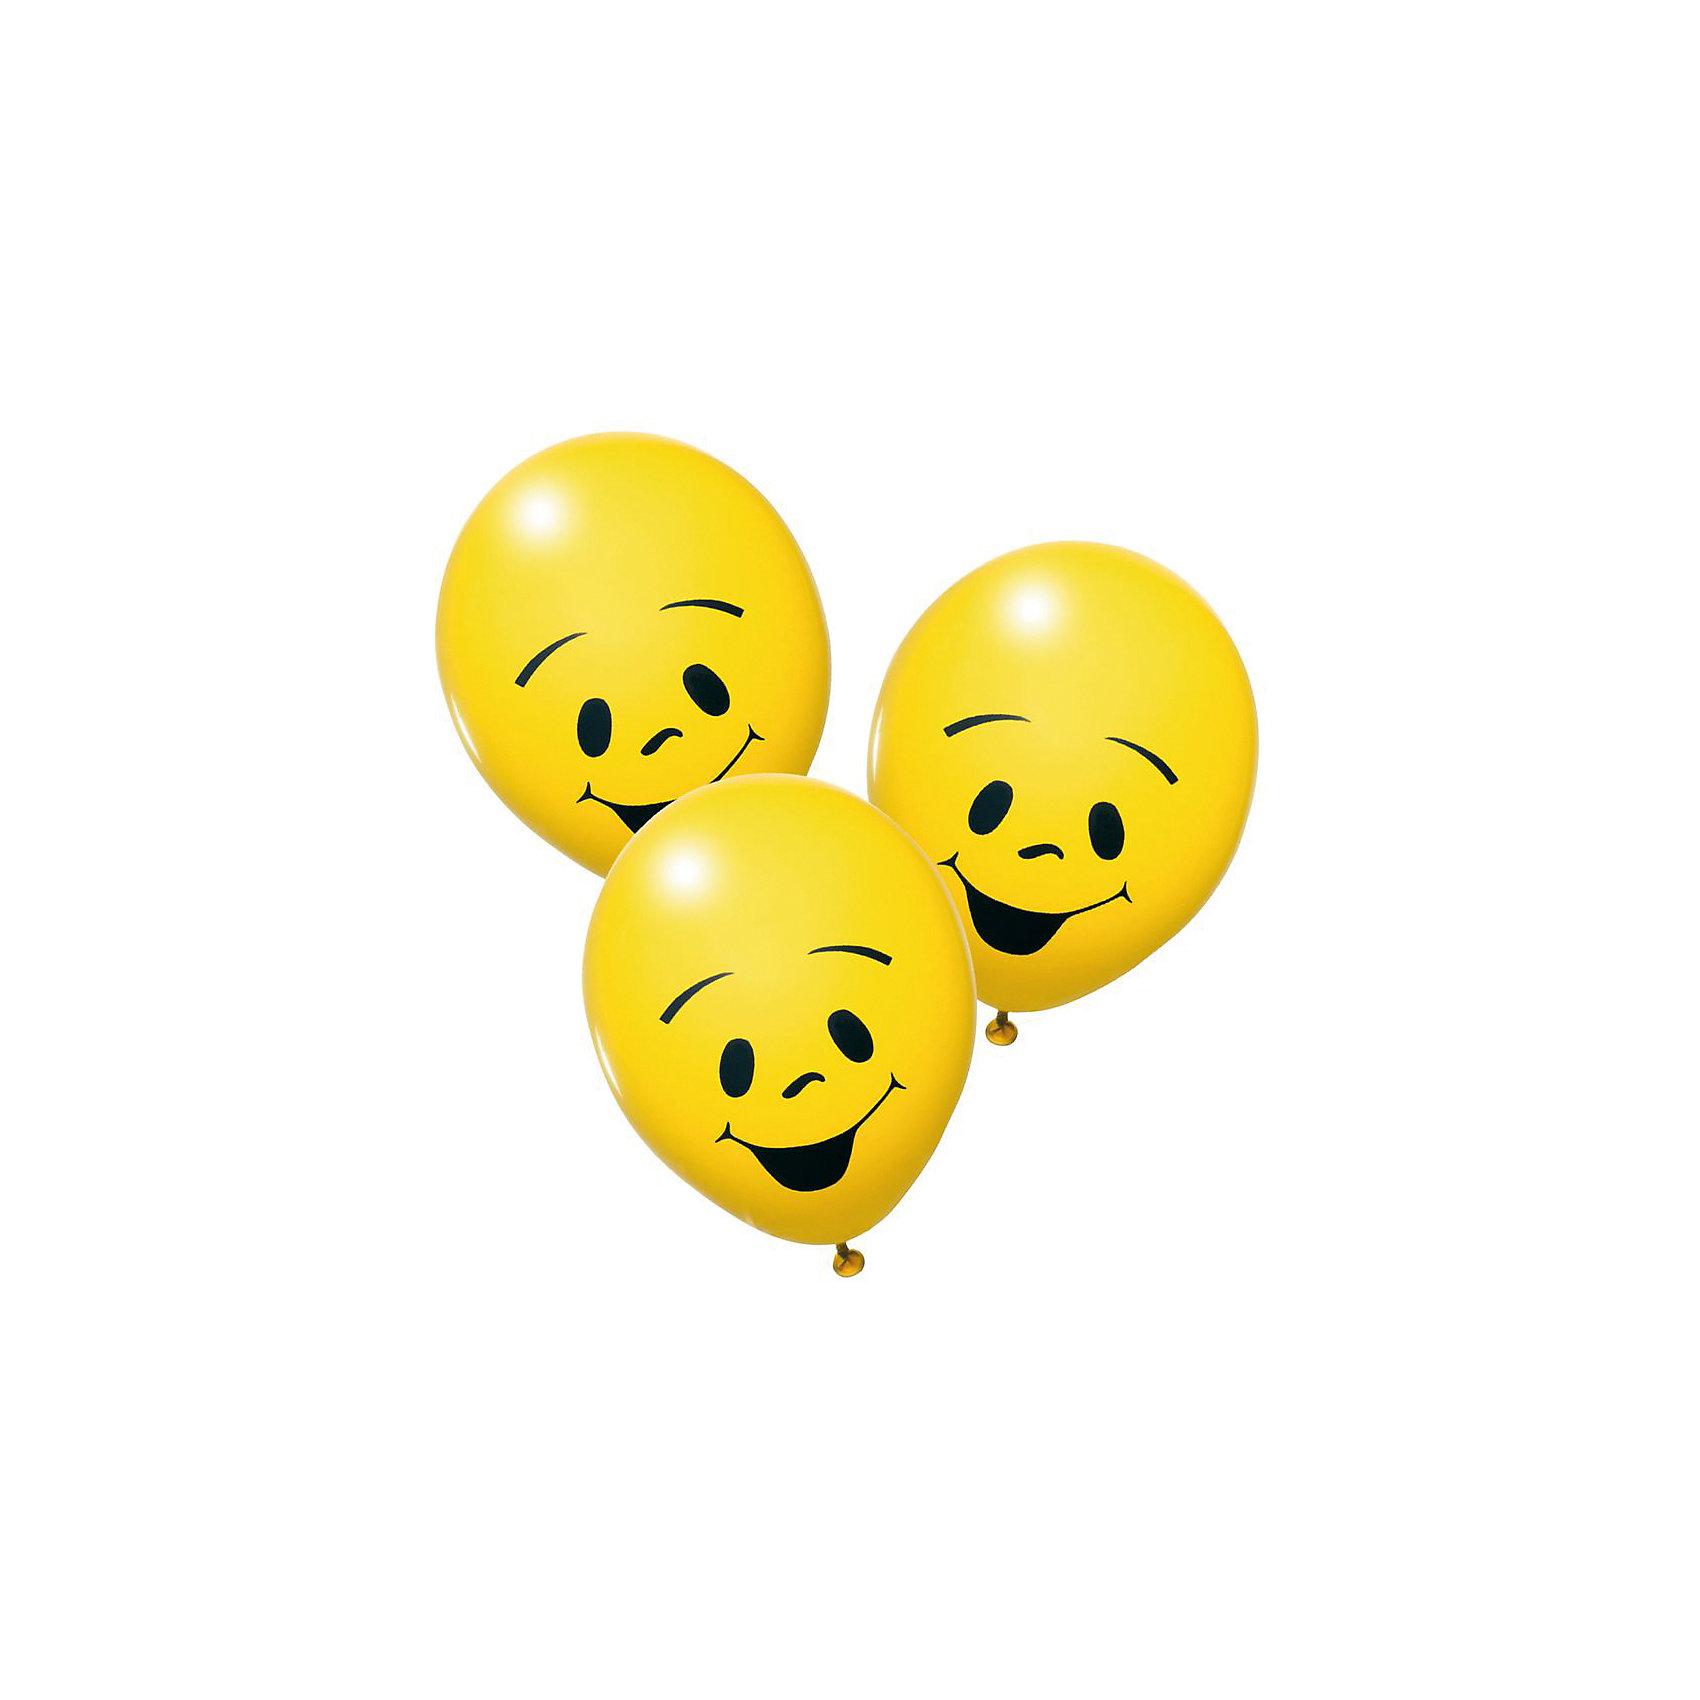 Шары воздушные Sunny, 10 штВсё для праздника<br>Характеристики товара:<br><br>• возраст: от 3 лет<br>• цвет: желтый<br>• материал: биоразлагаемый латекс<br>• размер упаковки: 1х13х20 см<br>•  для надувания гелием или воздухом<br>• комплектация: 10 шт<br>• вес: 30 г<br>• страна бренда: Германия<br>• страна изготовитель: Германия<br><br>Желтые воздушные шары с забавными смайликами создадут атмосферу праздника, а также поднимут настроение имениннику и его гостям.<br><br>Изделие произведено из безопасного для детей материала.<br><br>Шары воздушные  «Sunny», 10 шт от бренда Herlitz (Херлиц) можно купить в нашем интернет-магазине.<br><br>Ширина мм: 18<br>Глубина мм: 128<br>Высота мм: 230<br>Вес г: 37<br>Возраст от месяцев: 36<br>Возраст до месяцев: 2147483647<br>Пол: Унисекс<br>Возраст: Детский<br>SKU: 6886510